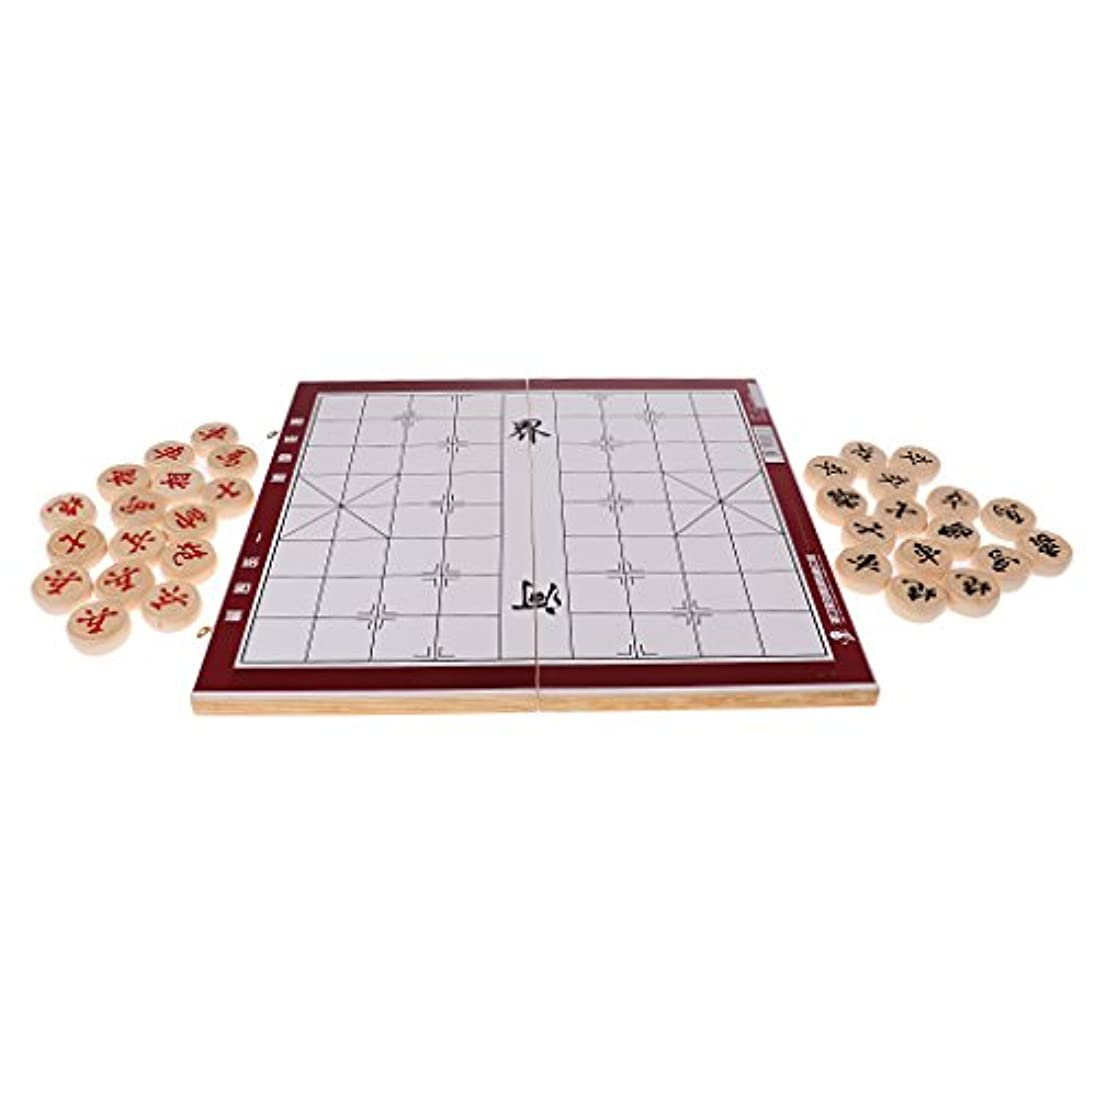 蜜増強シフトBaosity 中国チェス 中国将棋 折りたたみ チェスボード チェスピース 全3選択 - チェス直径4.0cm